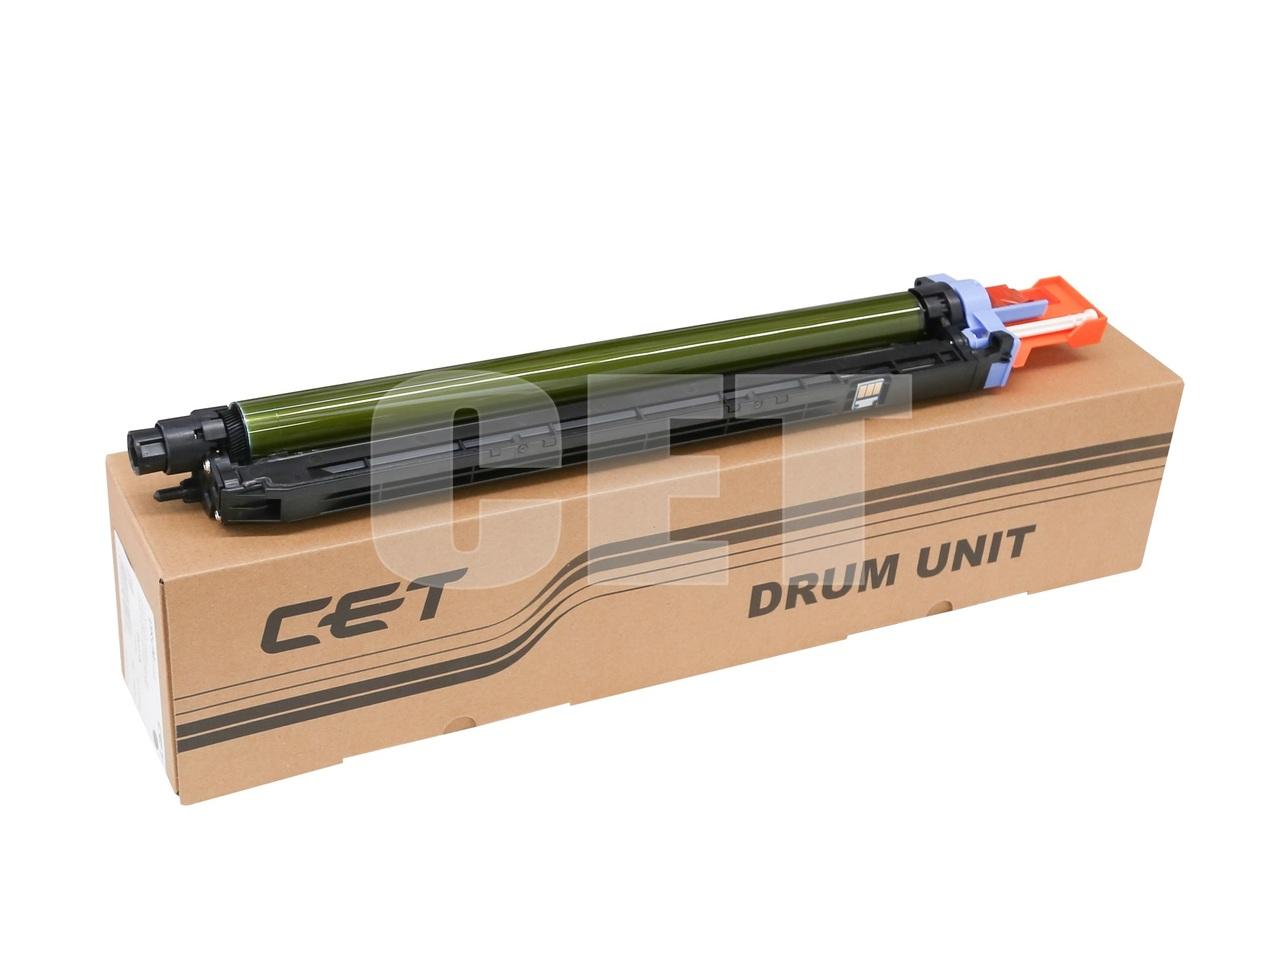 Драм-юнит DR-311K для KONICA MINOLTA BizhubC220/C280/C360 (CET) Black, 100000 стр., CET7983U